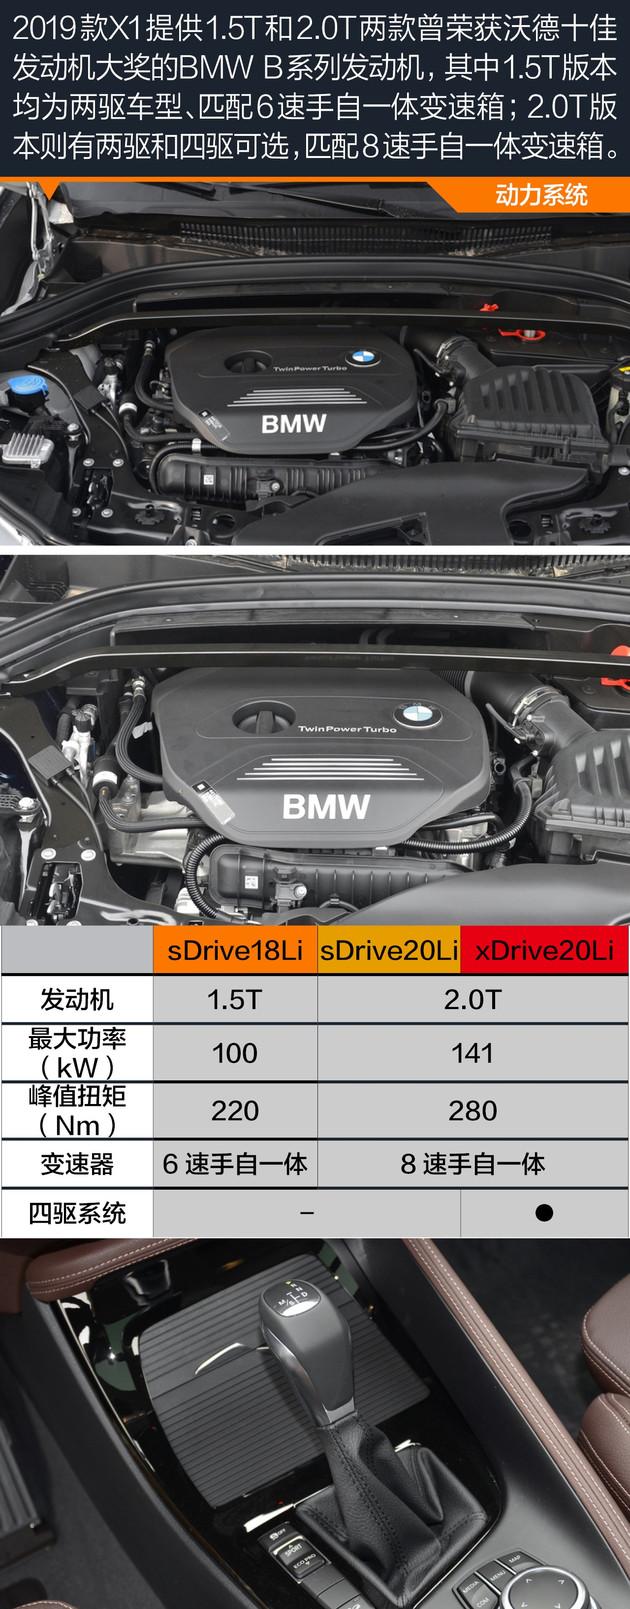 增配不加价/增专属选装包 2019款BMW X1导购手册